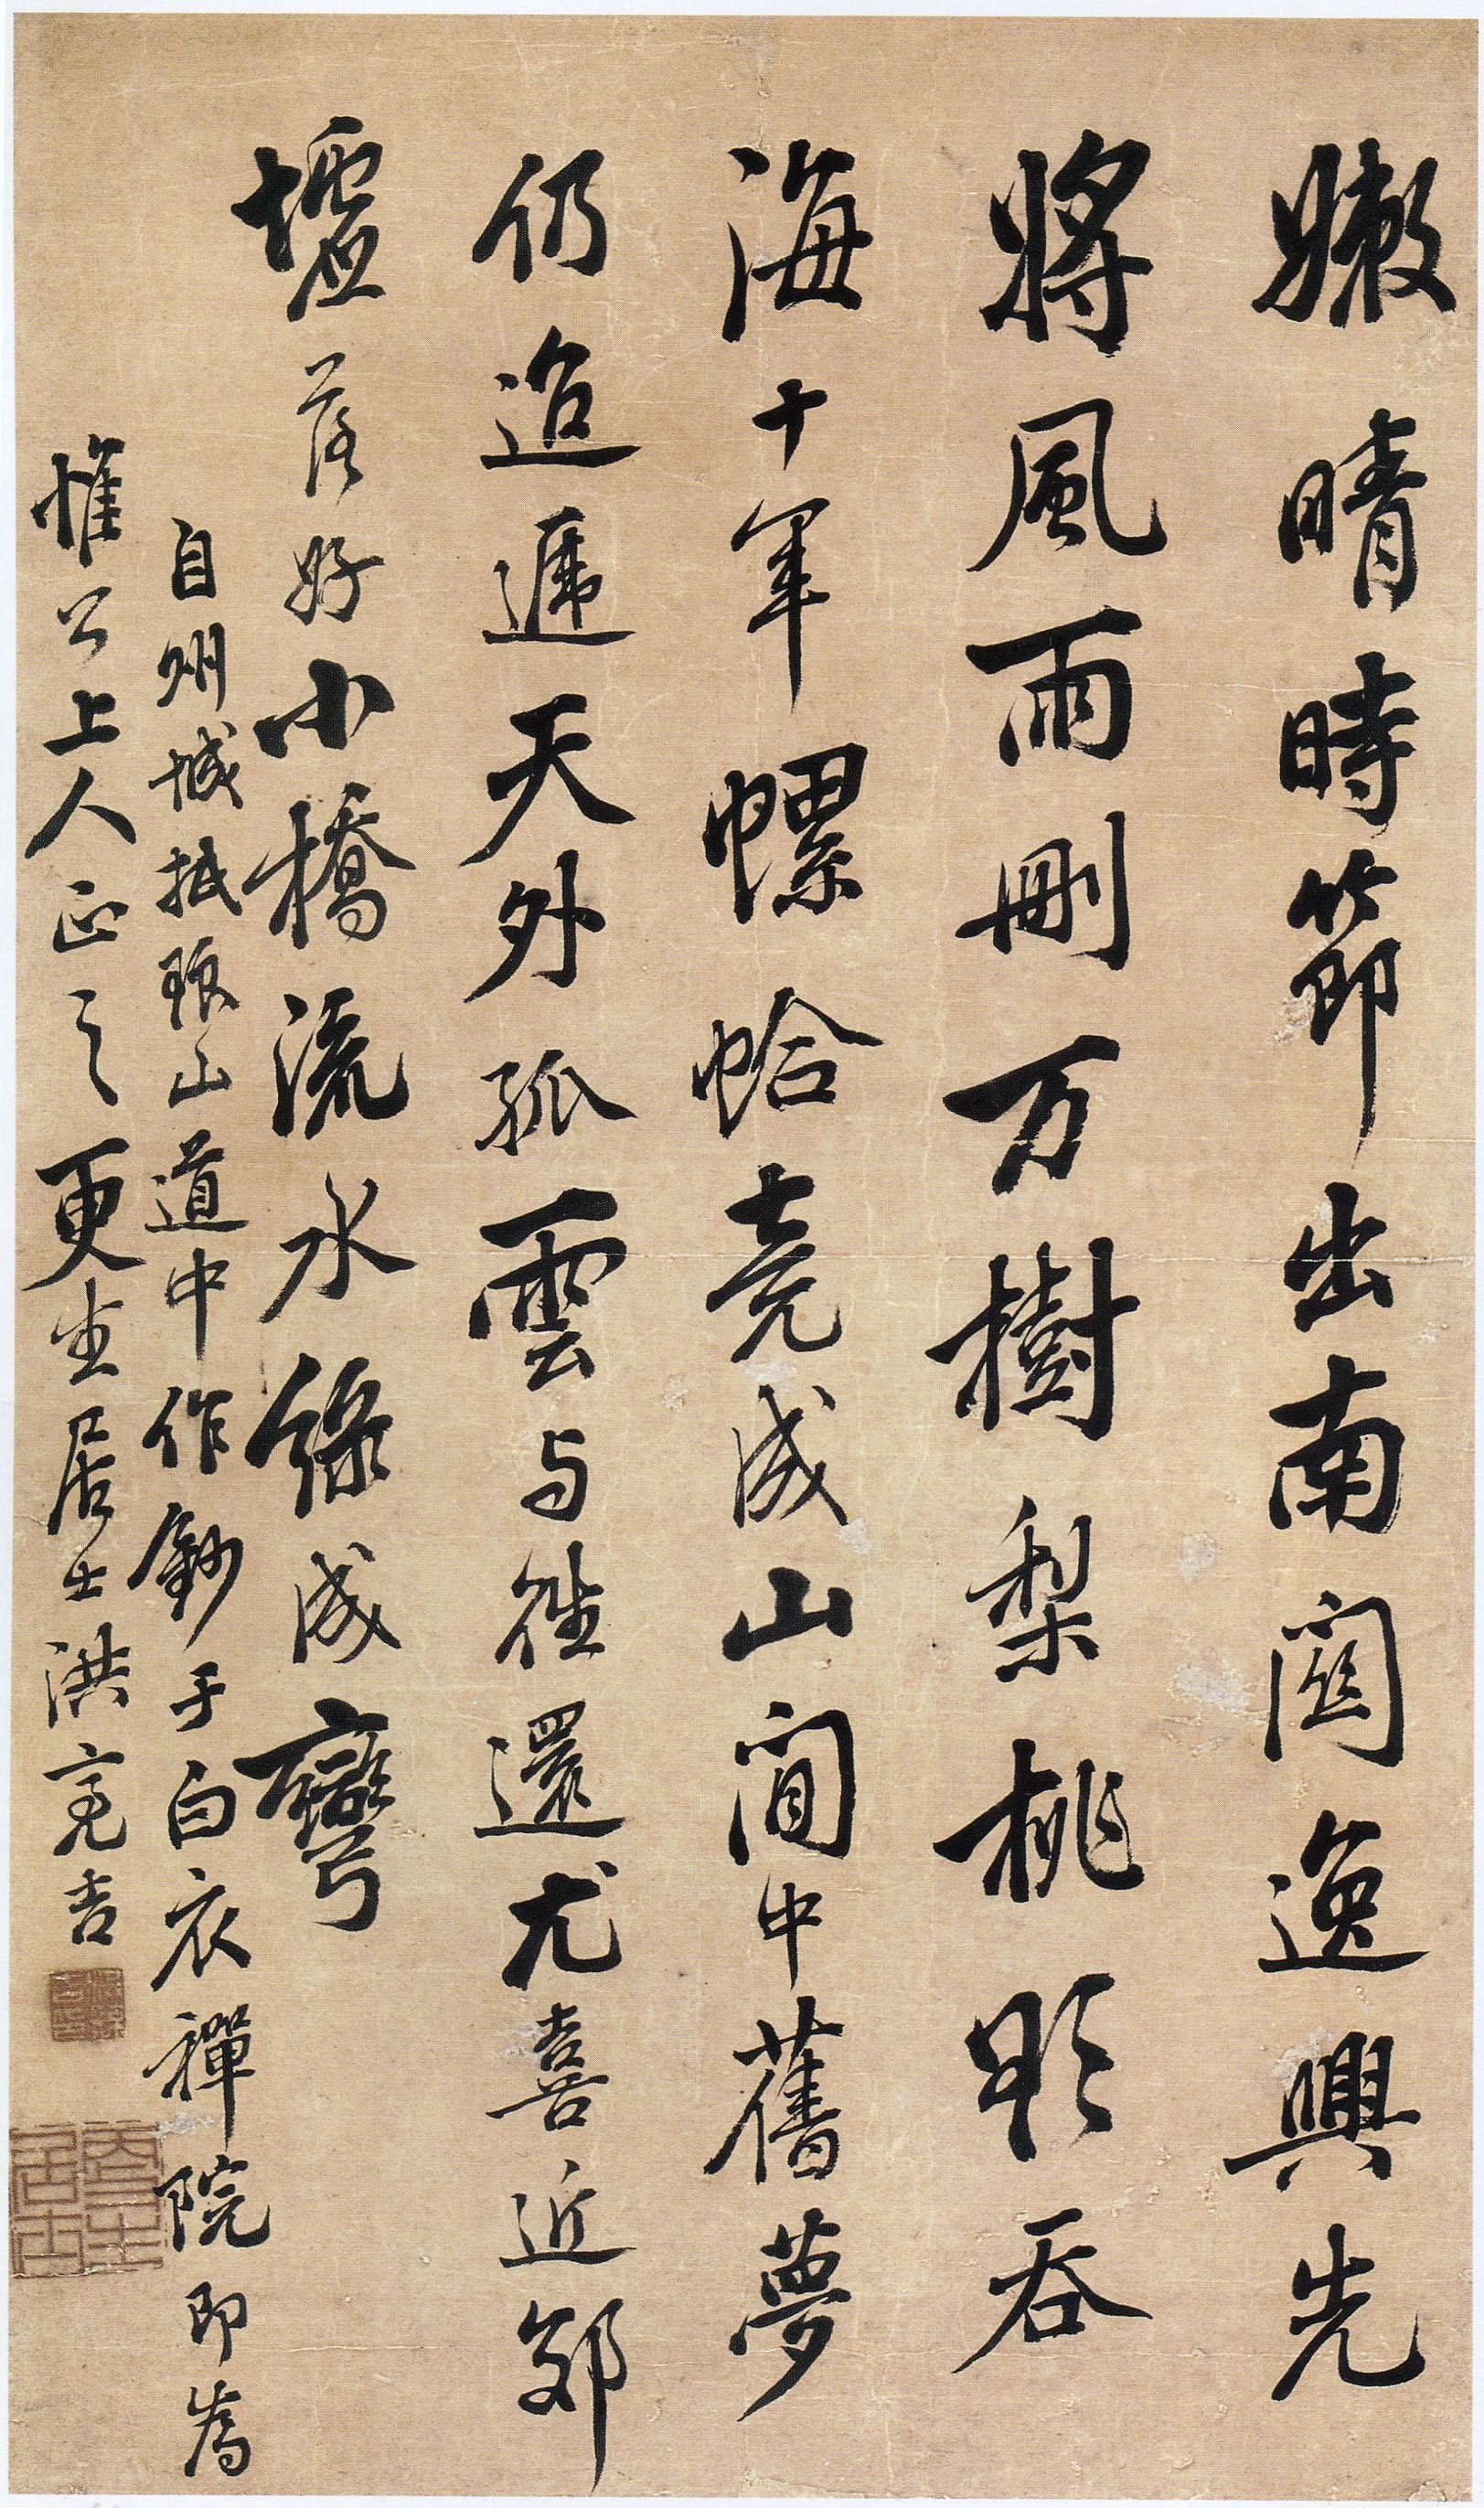 洪亮吉《行书七言律诗轴》纸本行书 清代书法 超高清图片.jpg